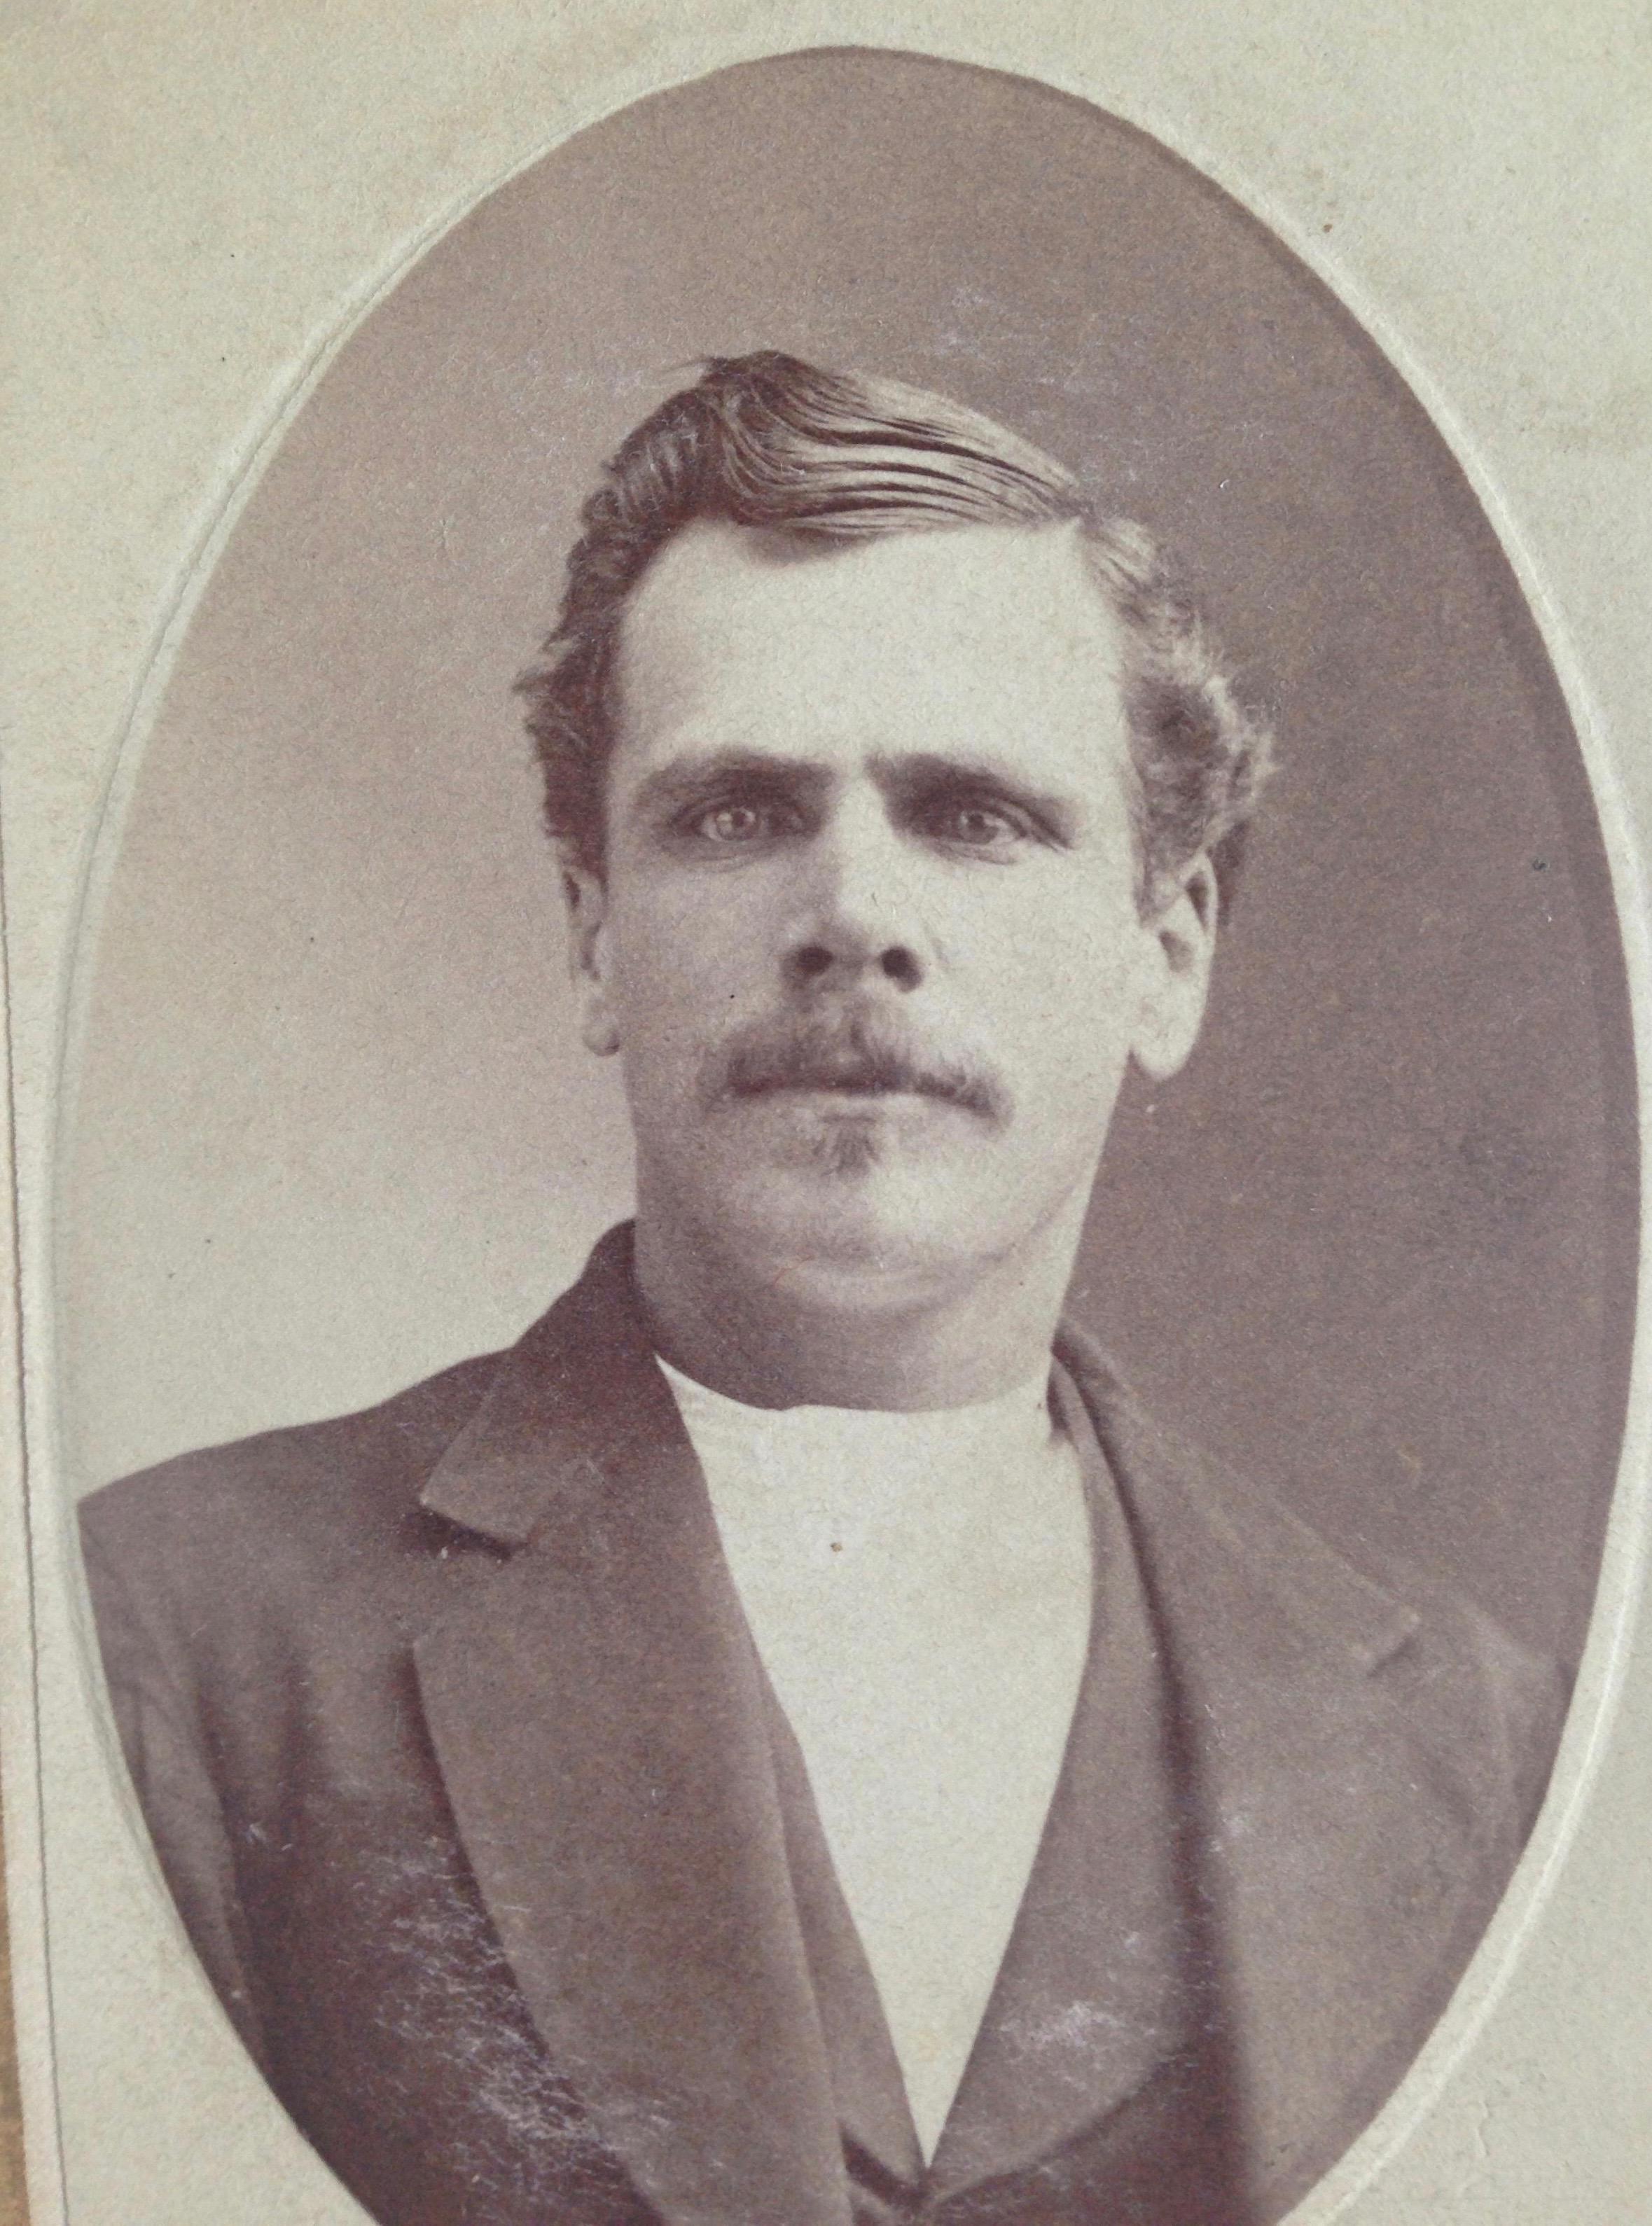 Joseph Wright Earl - 1850 - 1906